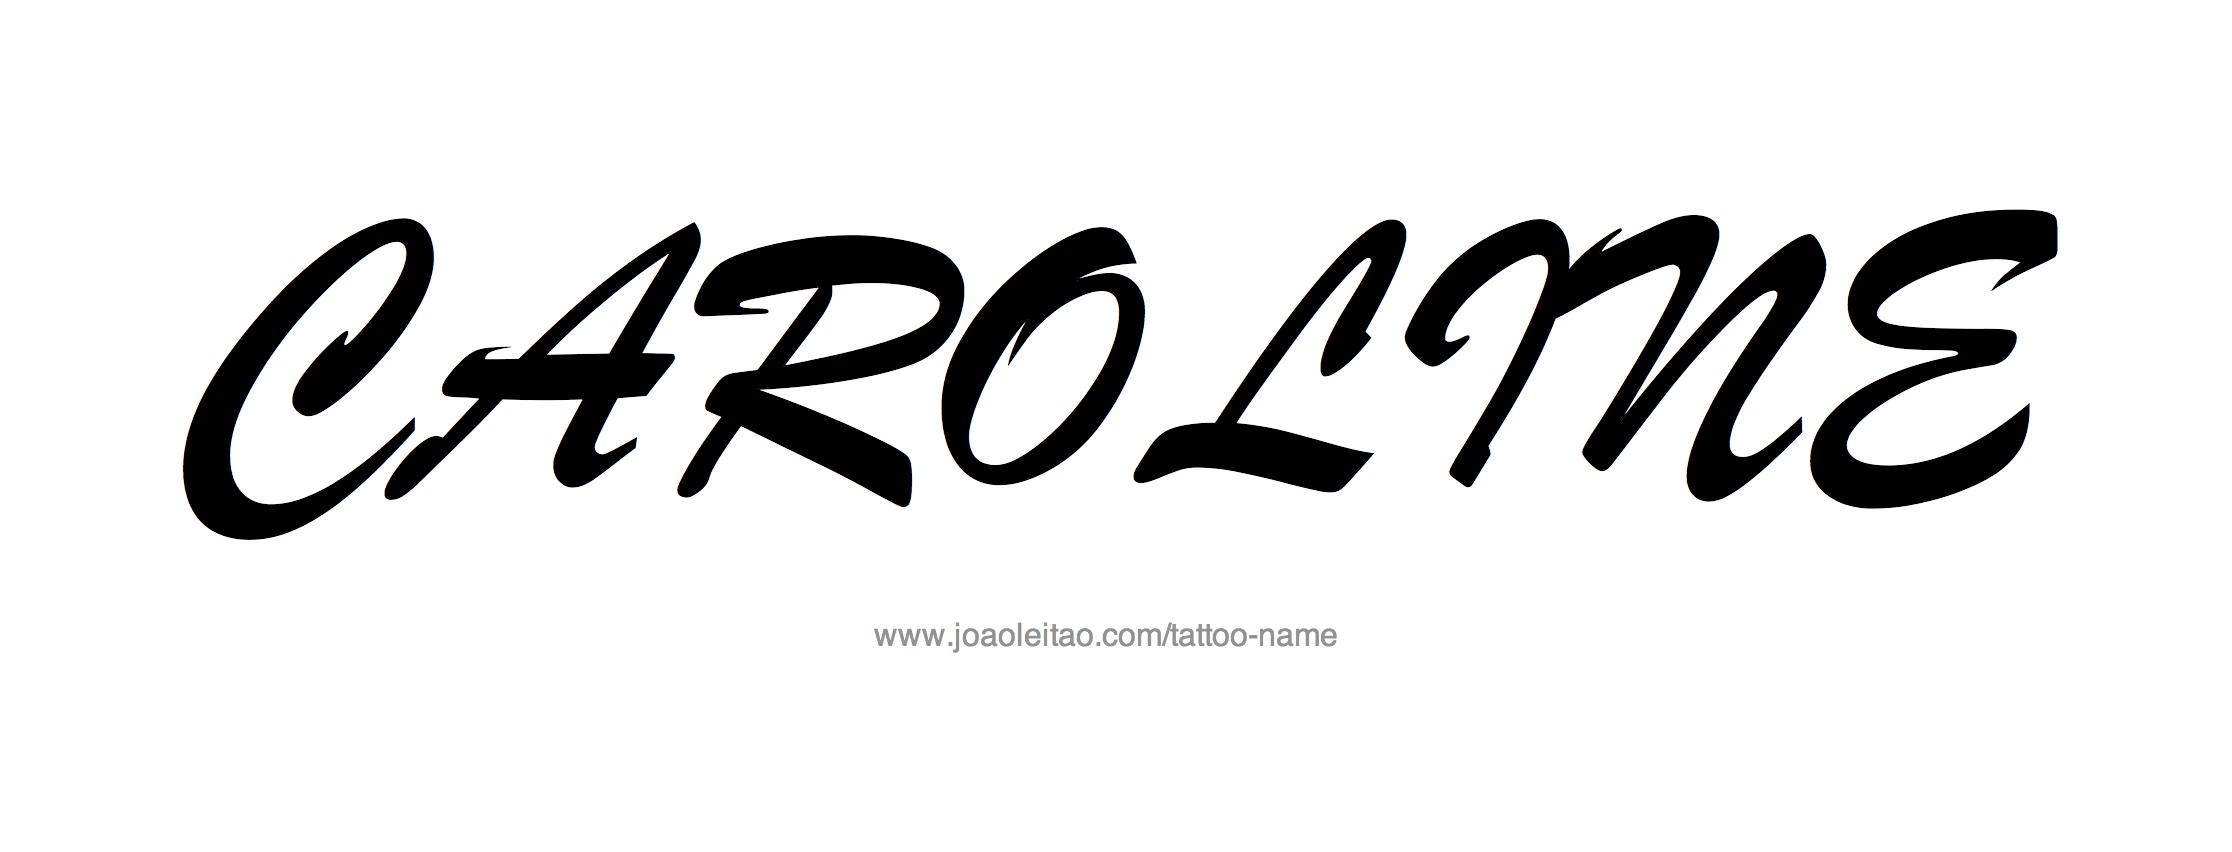 Tattoo Design Name Caroline